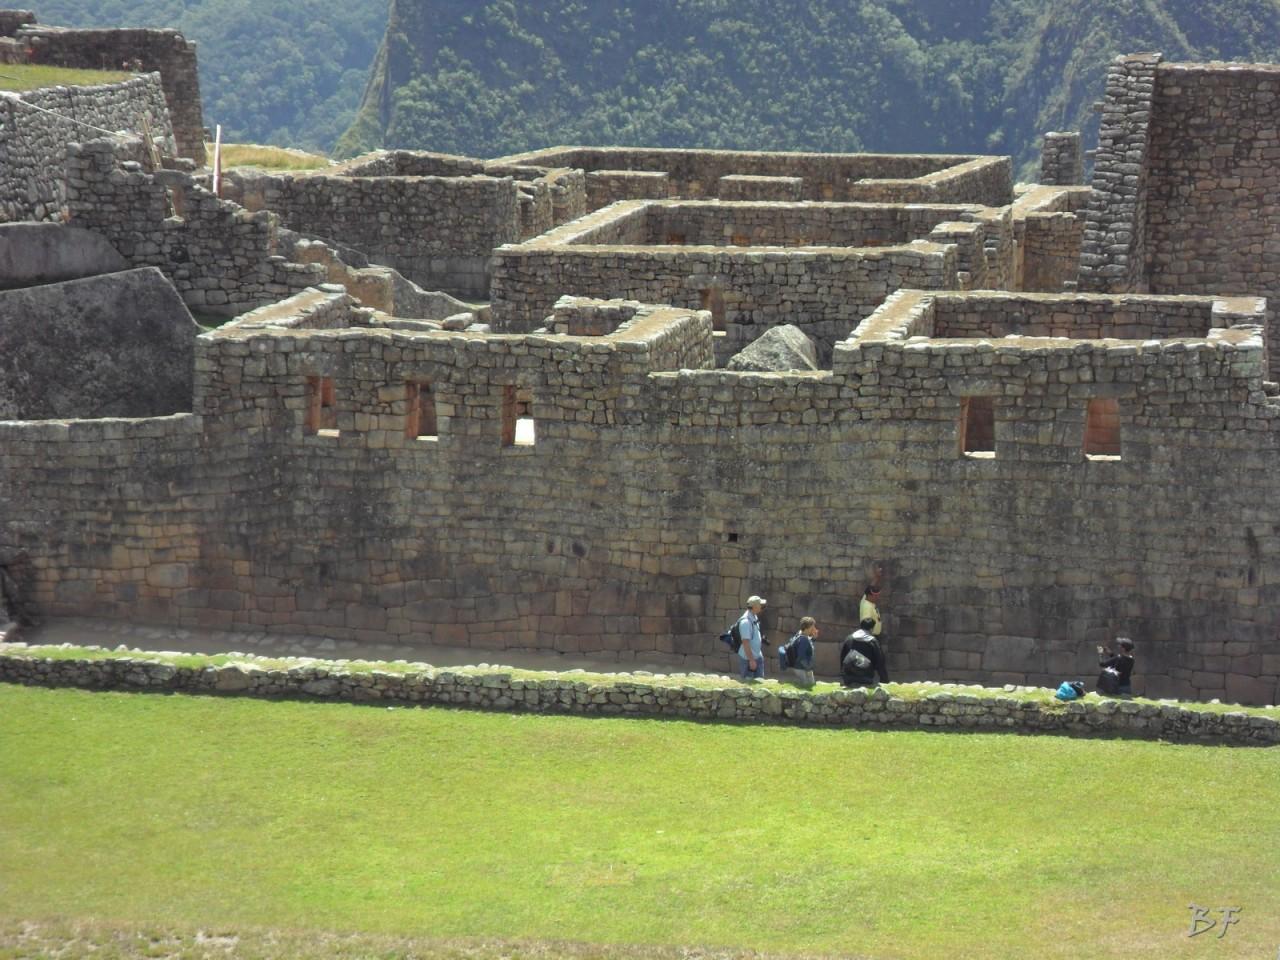 Mura-Poligonali-Incisioni-Altari-Edifici-Rupestri-Megaliti-Machu-Picchu-Aguas-Calientes-Urubamba-Cusco-Perù-51